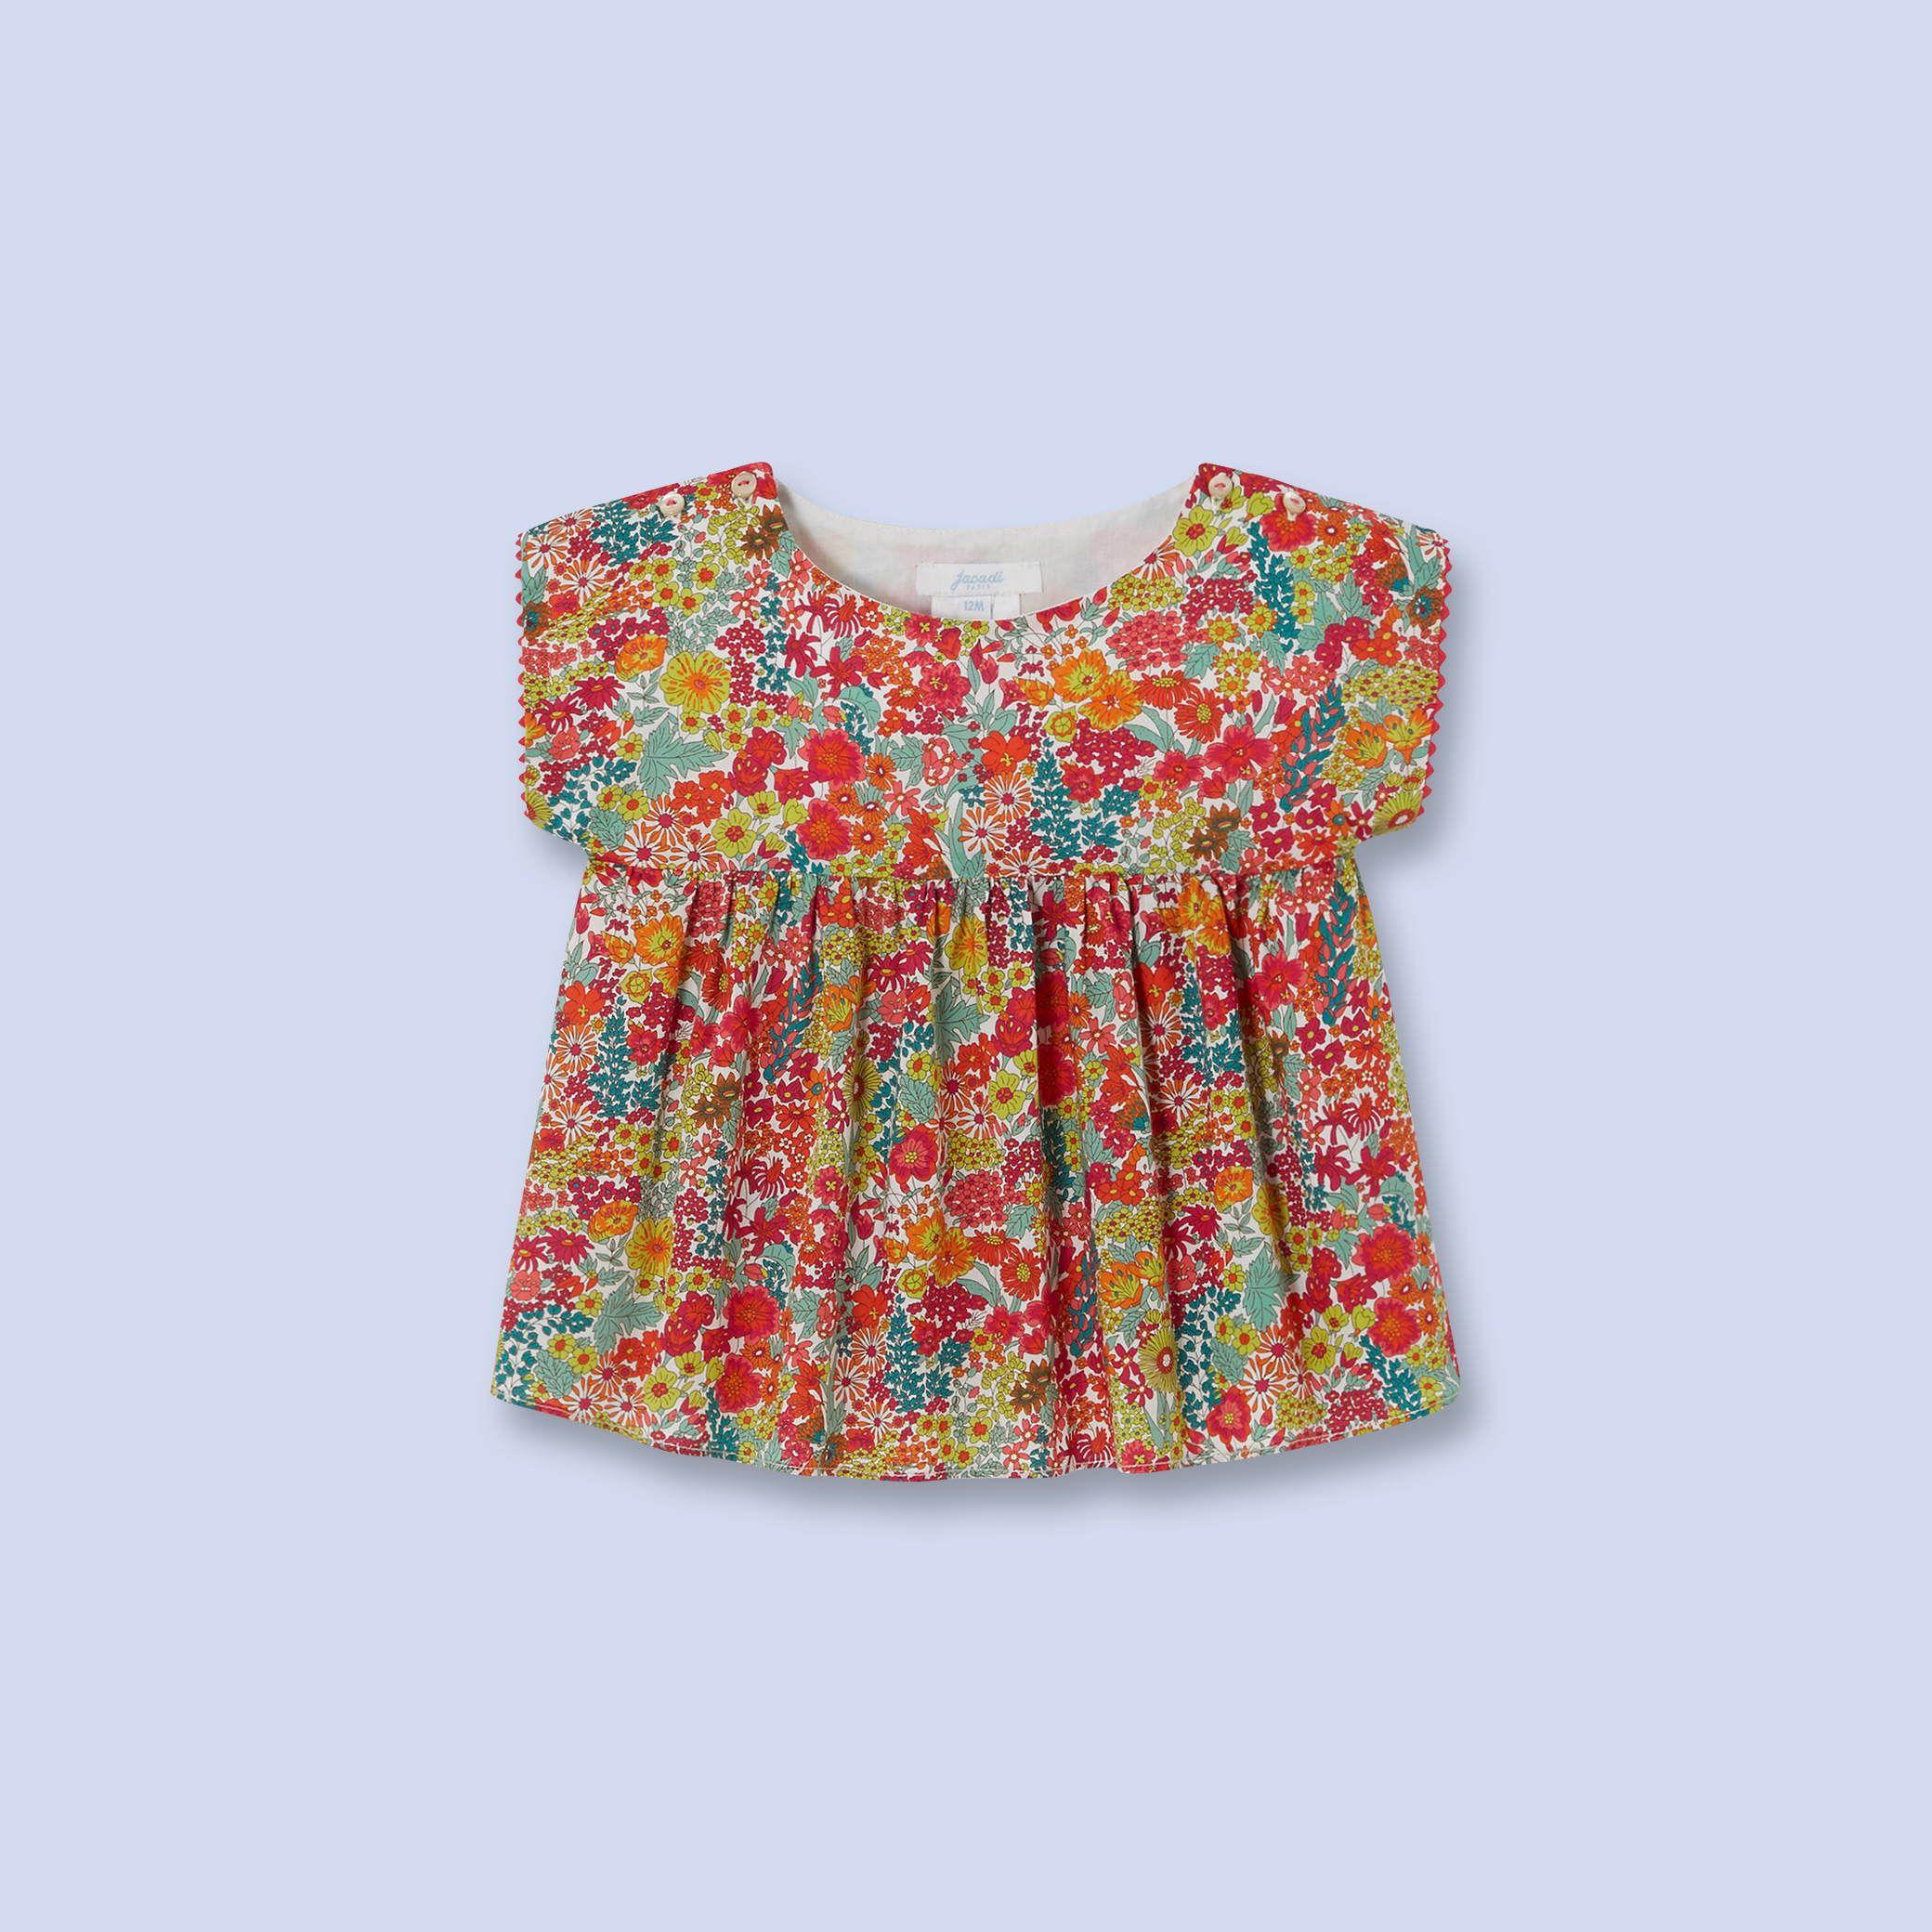 026a672b69af9 Blouse en tissu Liberty pour bébé, fille   My girl   Bebe, Vêtements ...